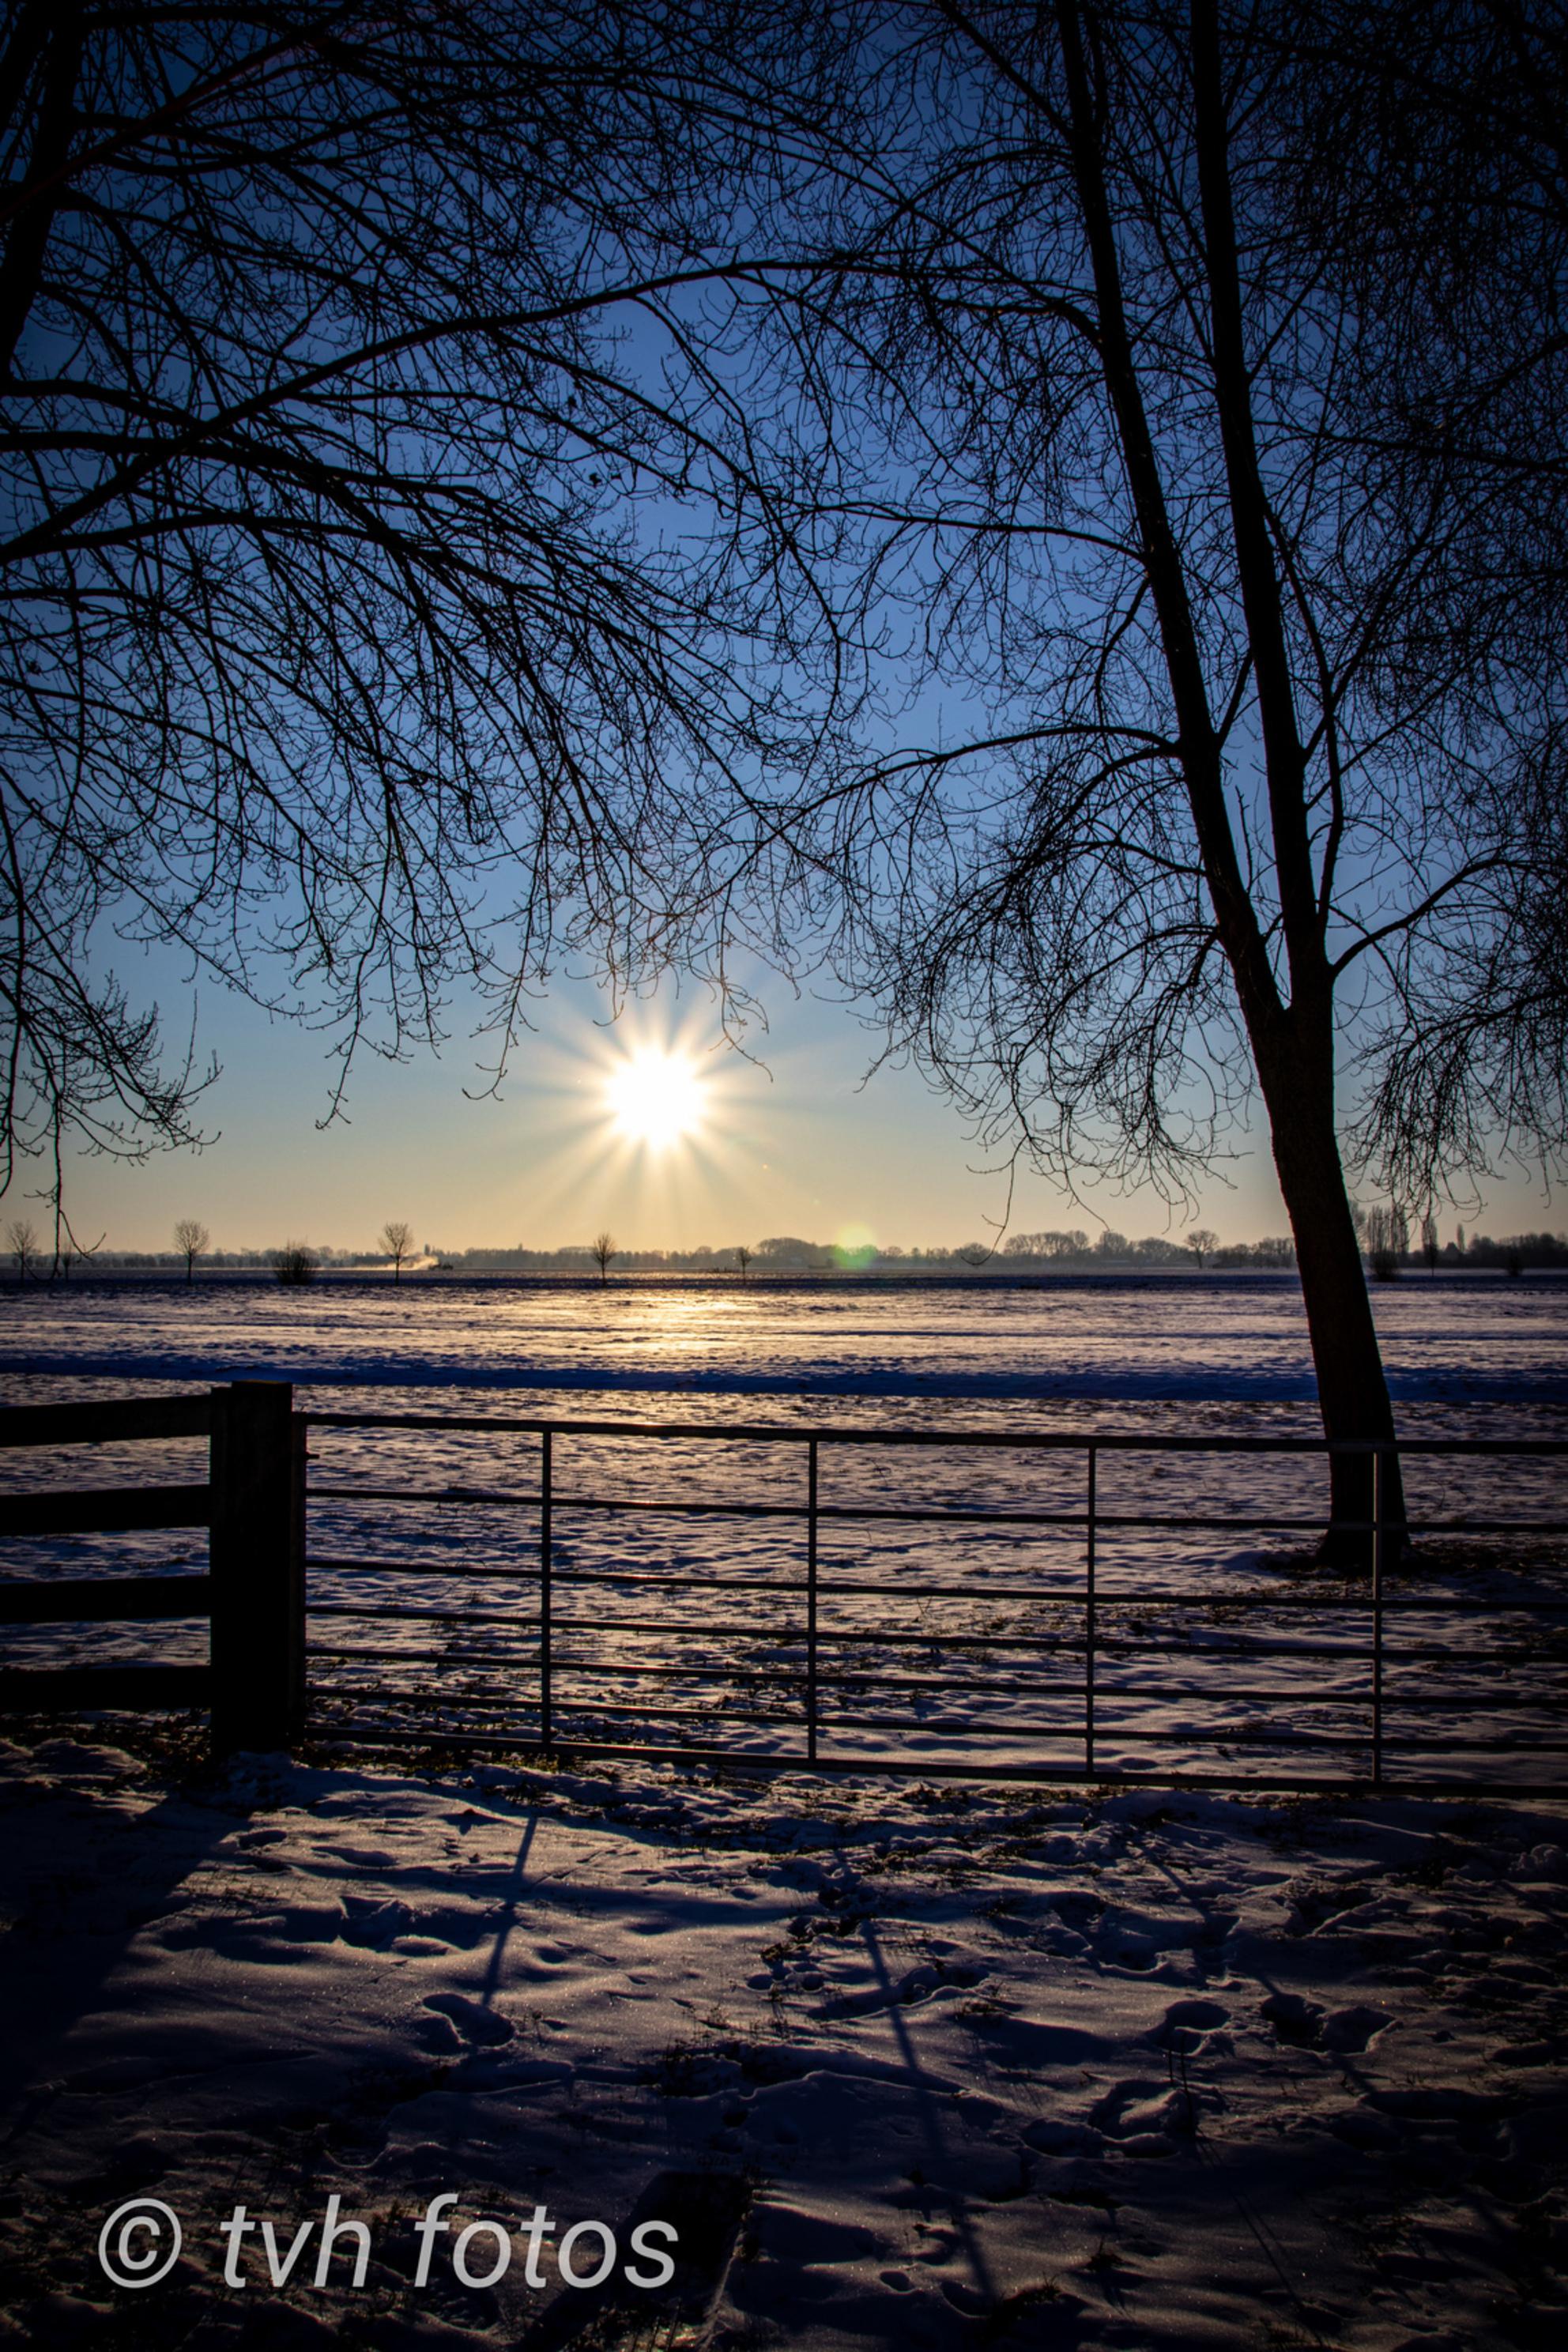 Zonsopkomst in de polder - Zonsopkomst in de polder bij arkel - foto door timbo16 op 27-02-2021 - deze foto bevat: zon, natuur, licht, sneeuw, landschap, zonsopkomst, polder - Deze foto mag gebruikt worden in een Zoom.nl publicatie